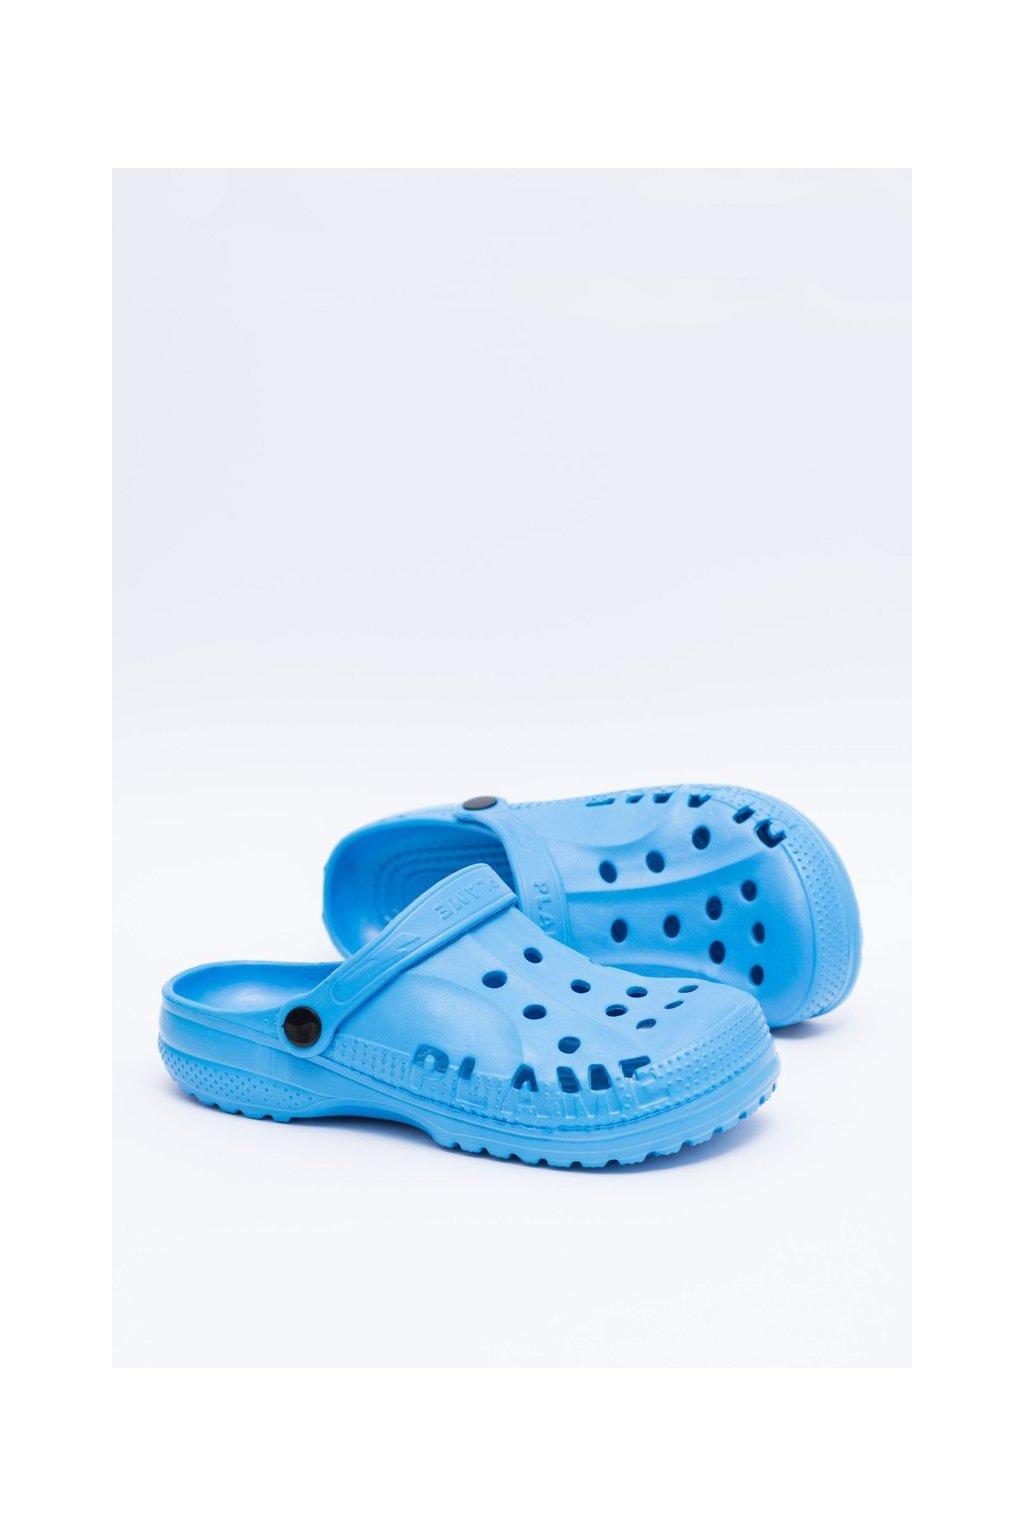 Dámske šľapky modré NJSK B-2008 BLUE